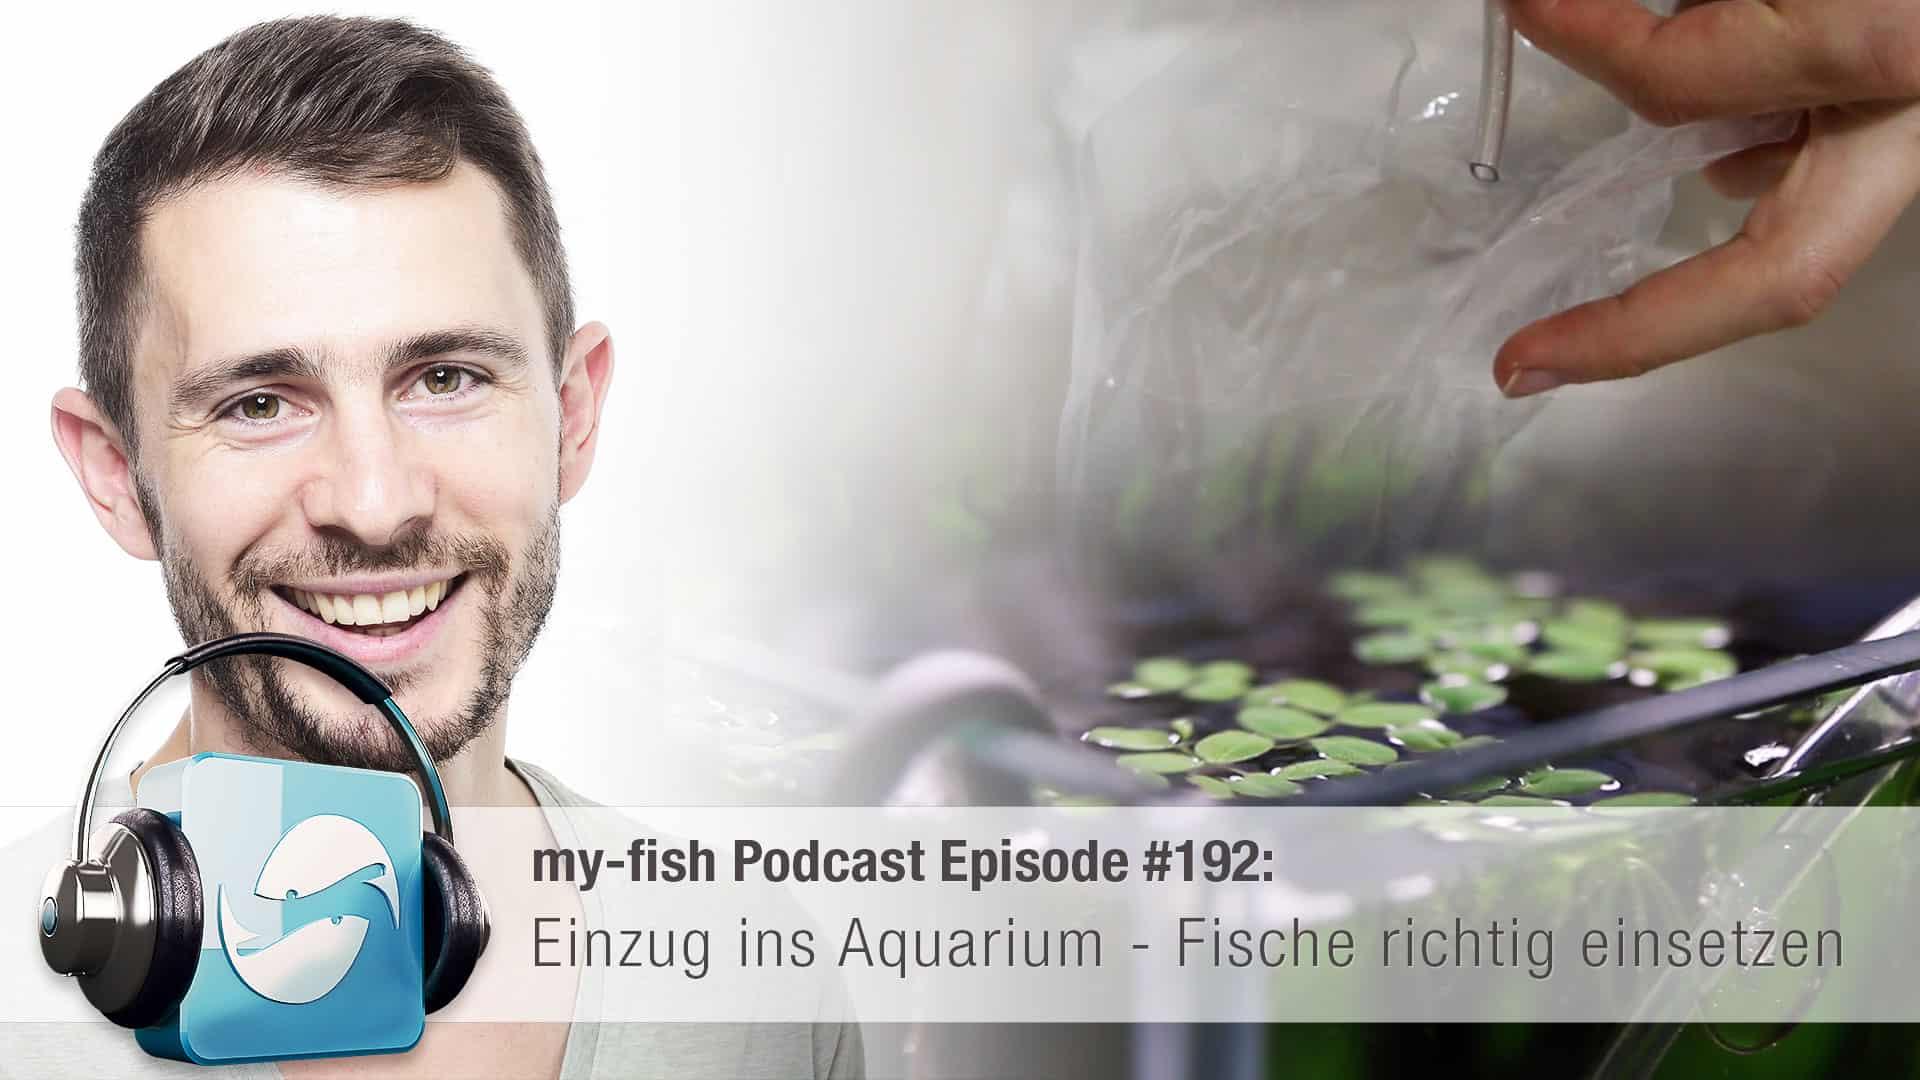 Podcast Episode #192: Einzug ins Aquarium - Fische richtig einsetzen 1